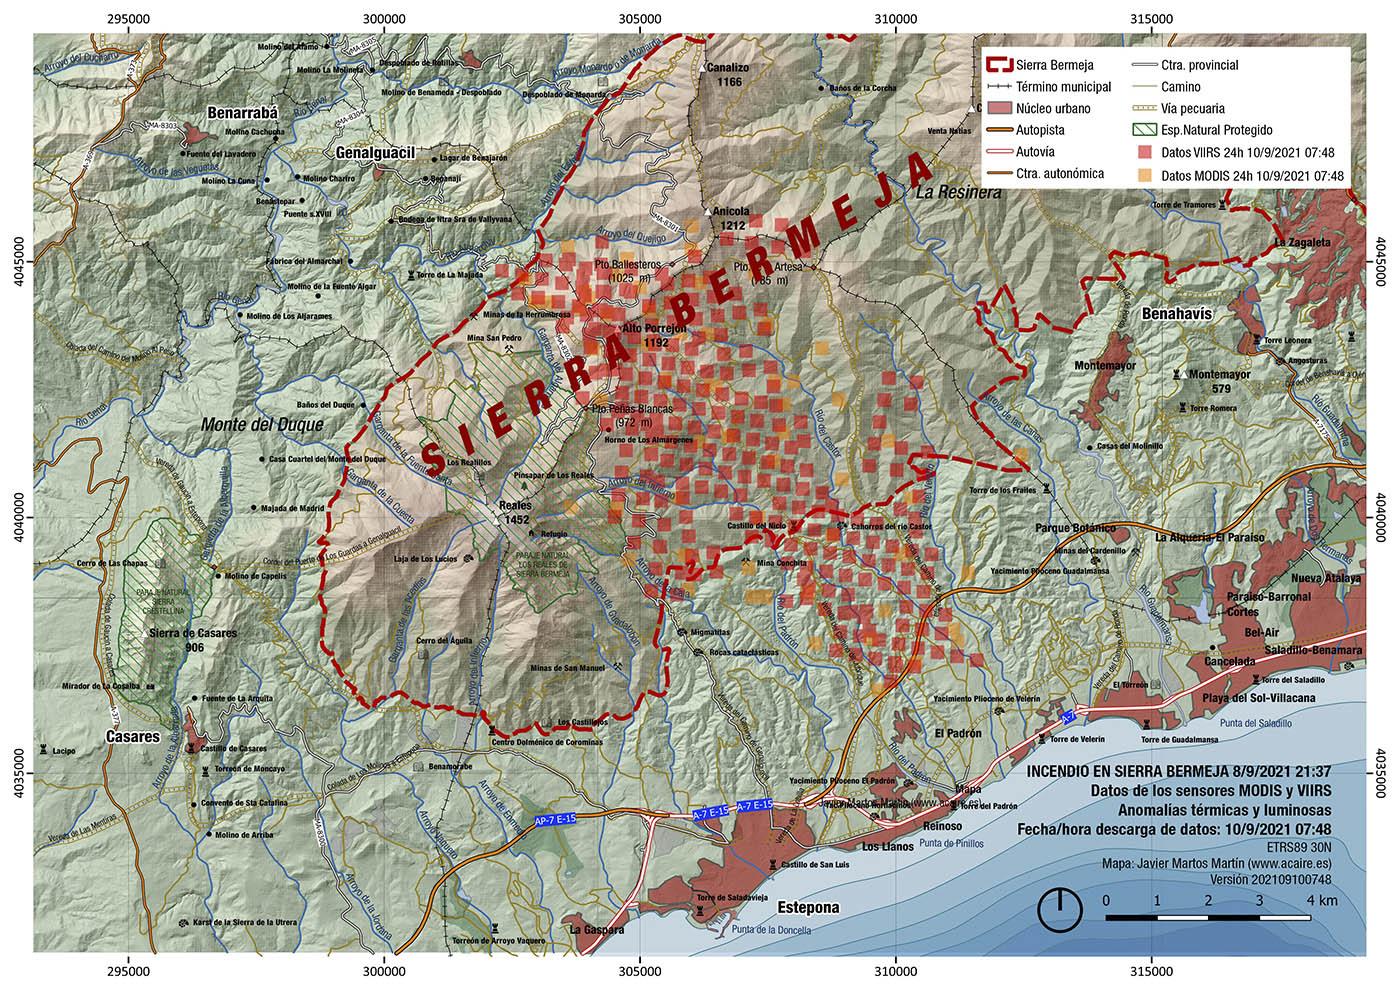 Incendio de Sierra Bermeja. Estimación del 10/9/2021